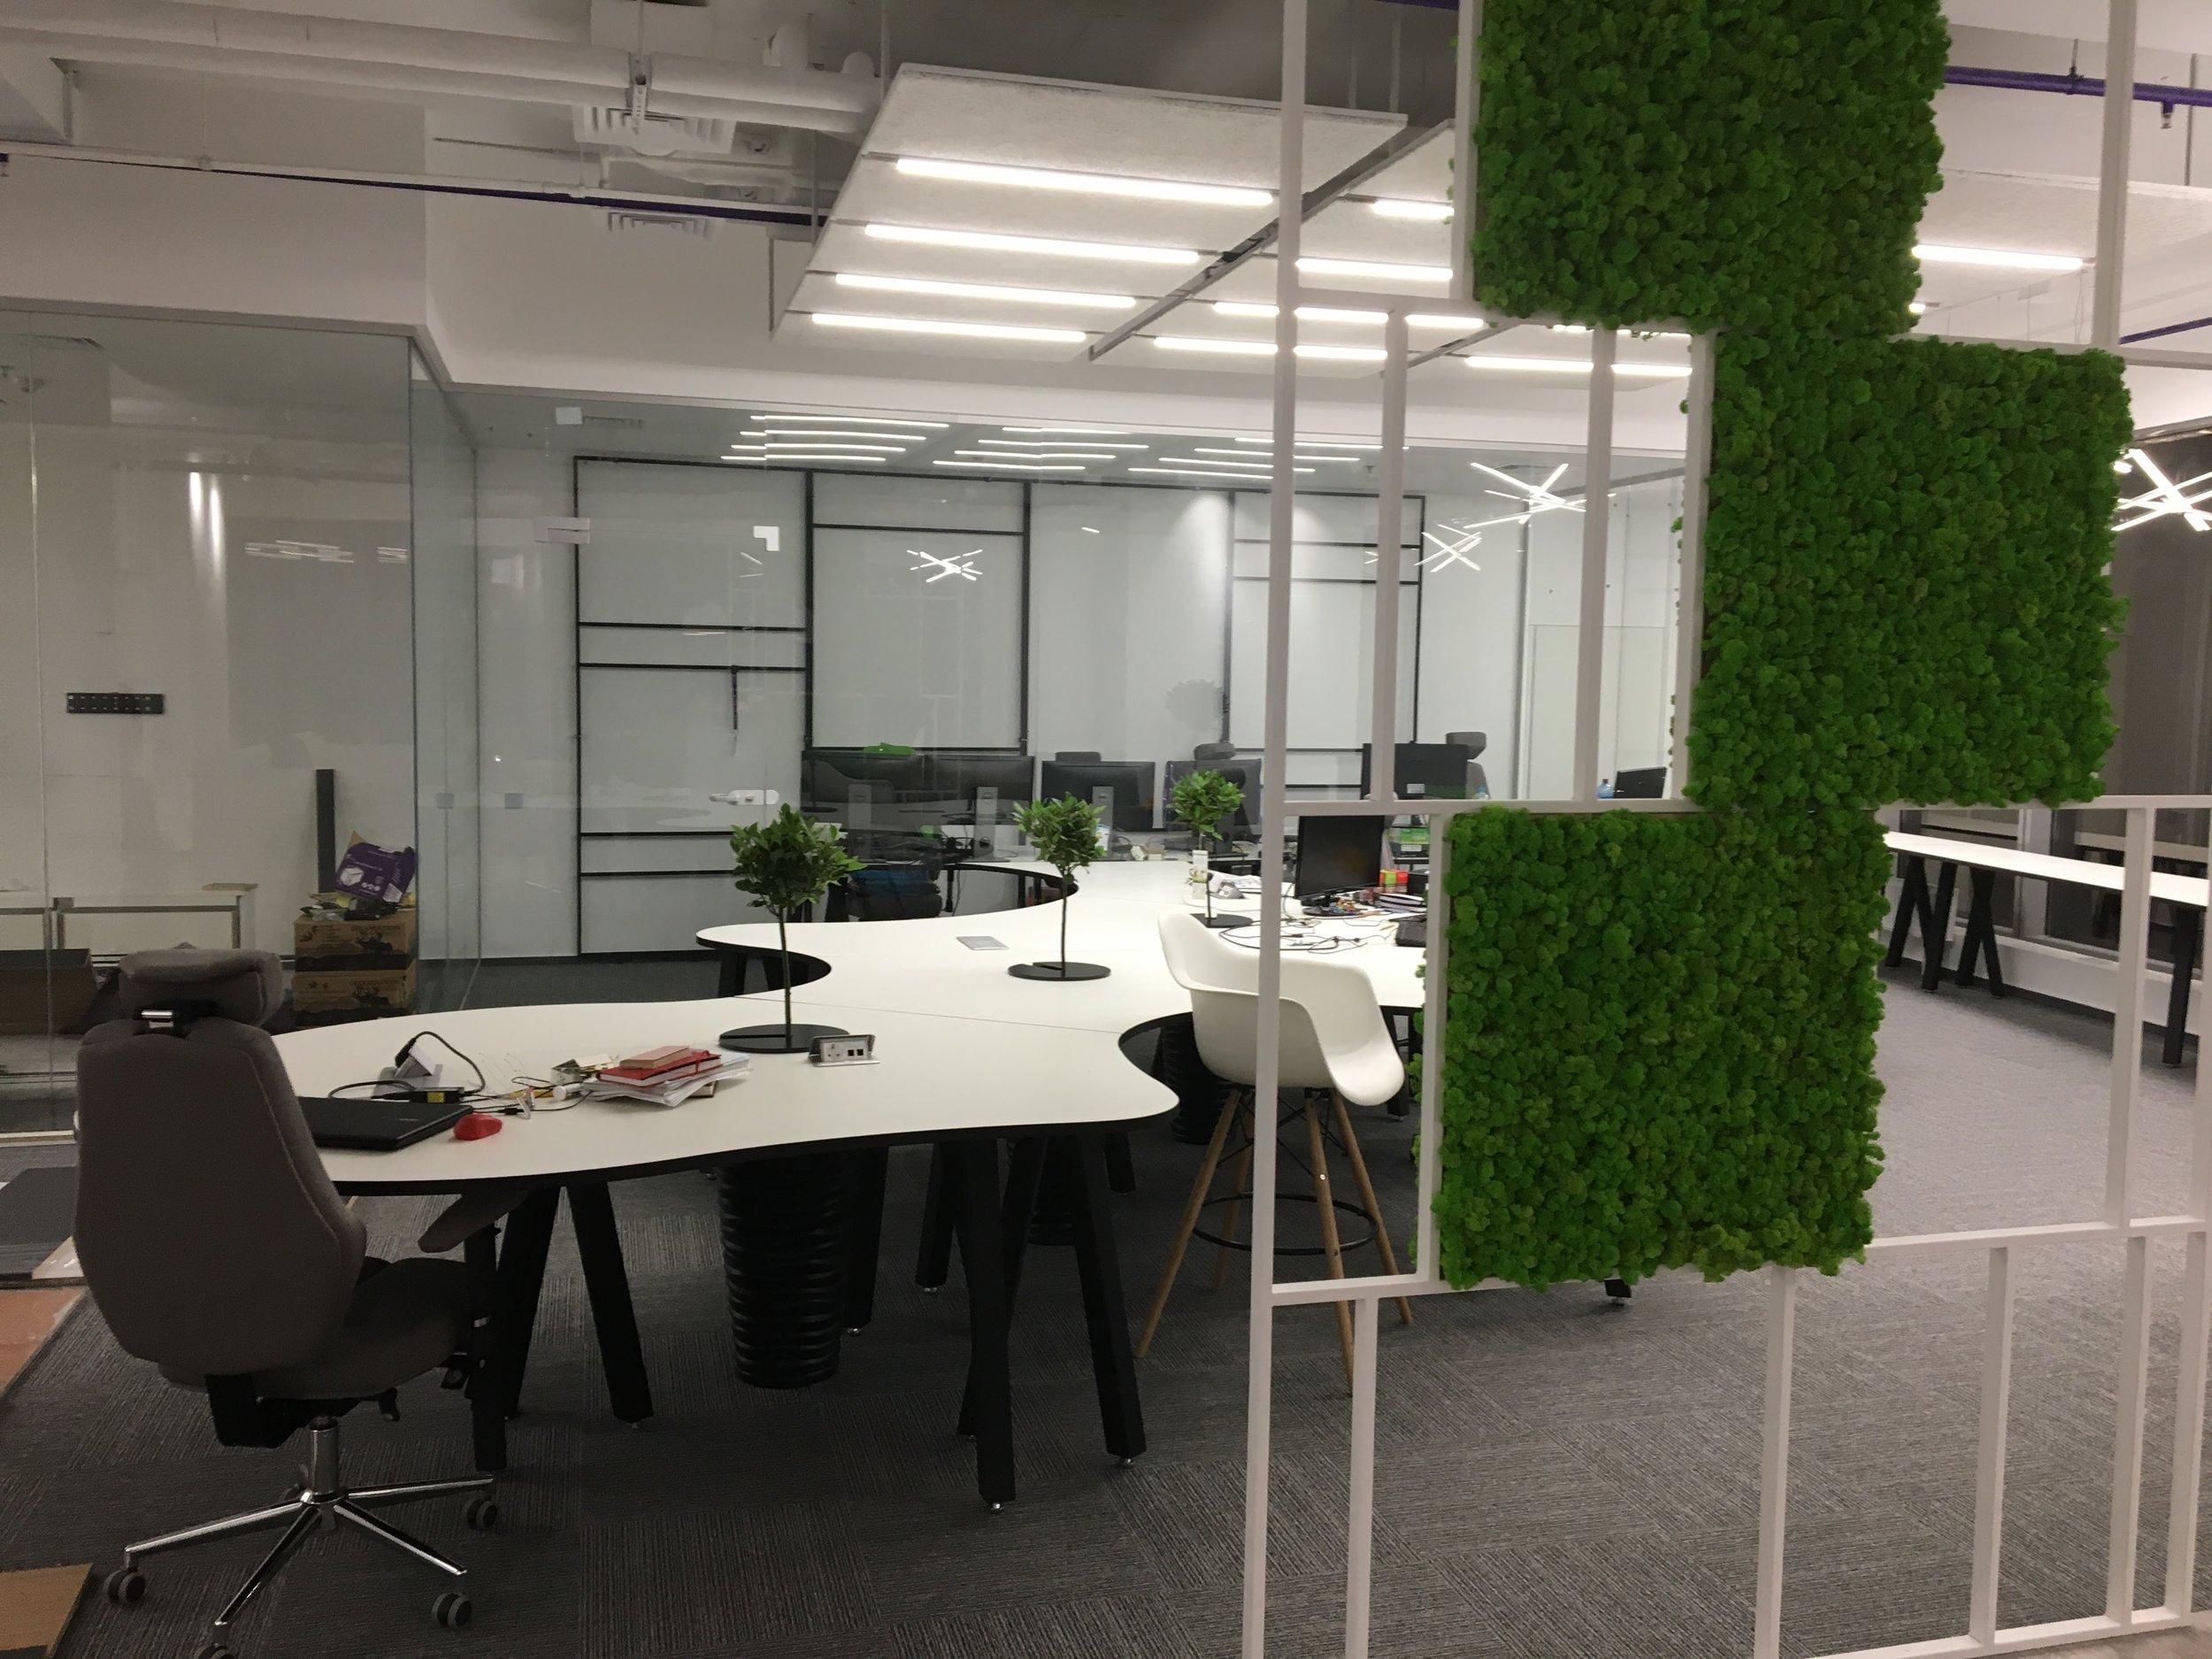 AllStars-IT Ukraine - Виды работ: полное меблирование помещения